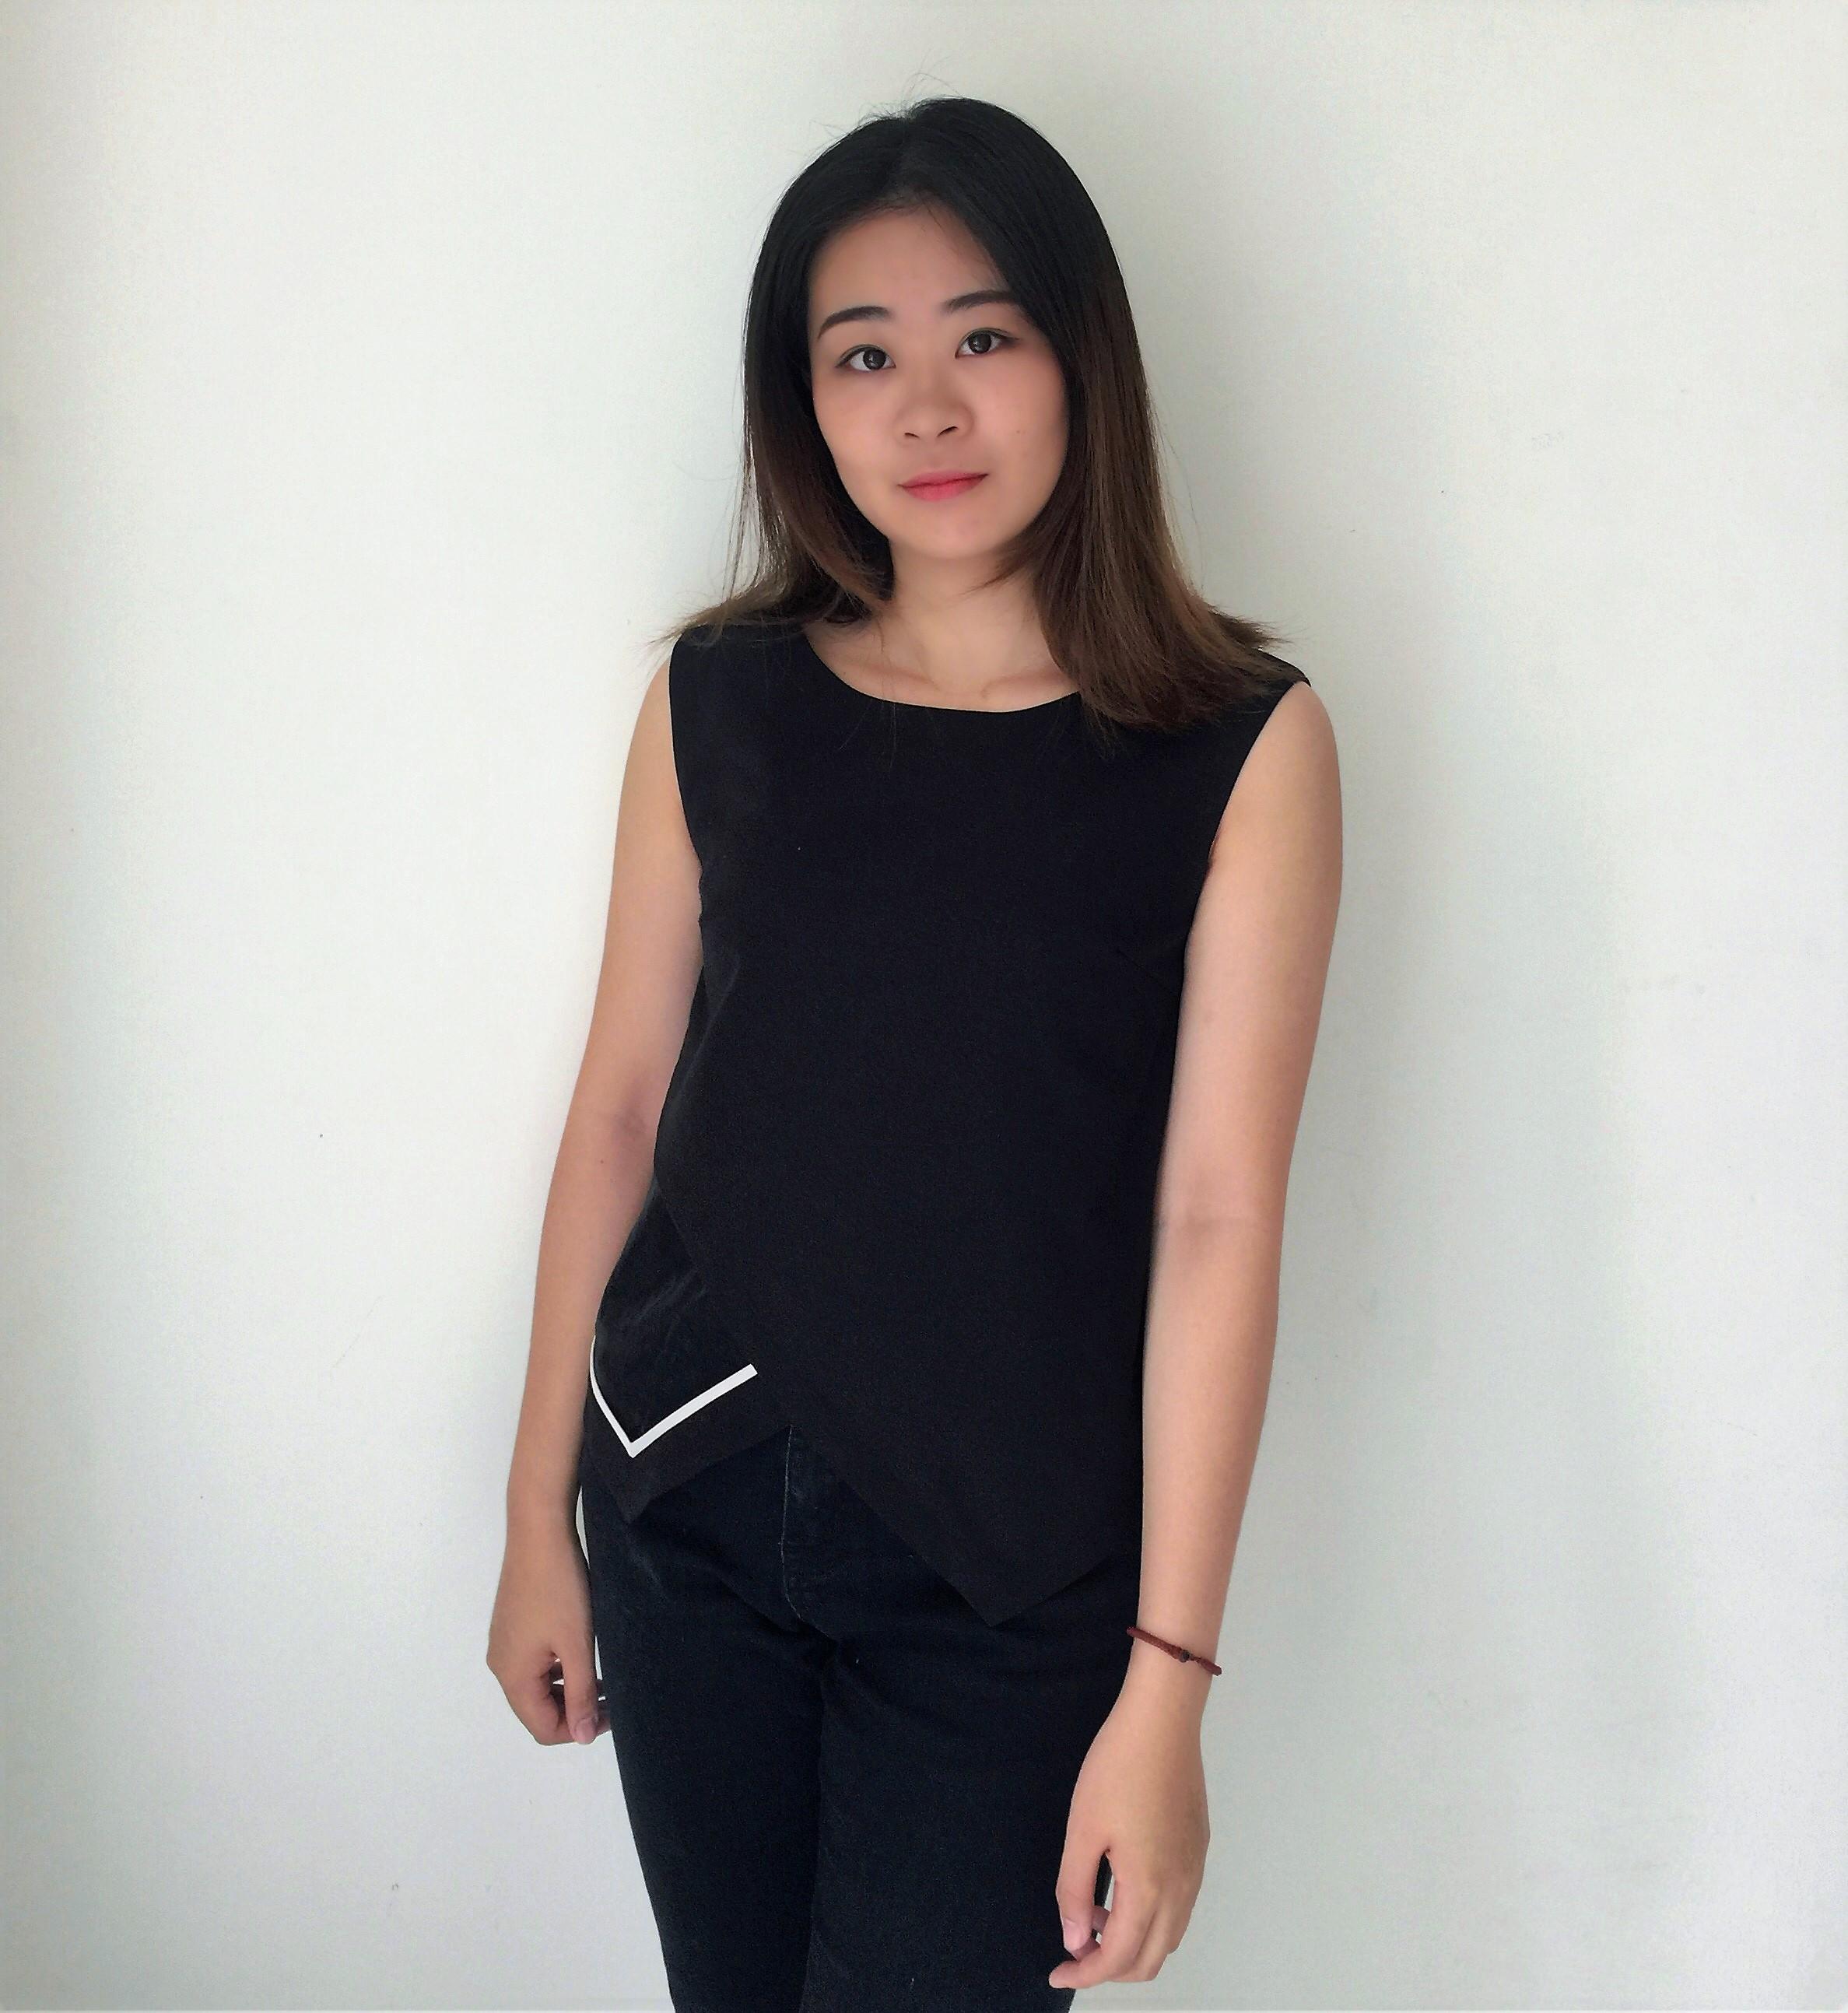 梁瀛丹 (Dannie Leung)